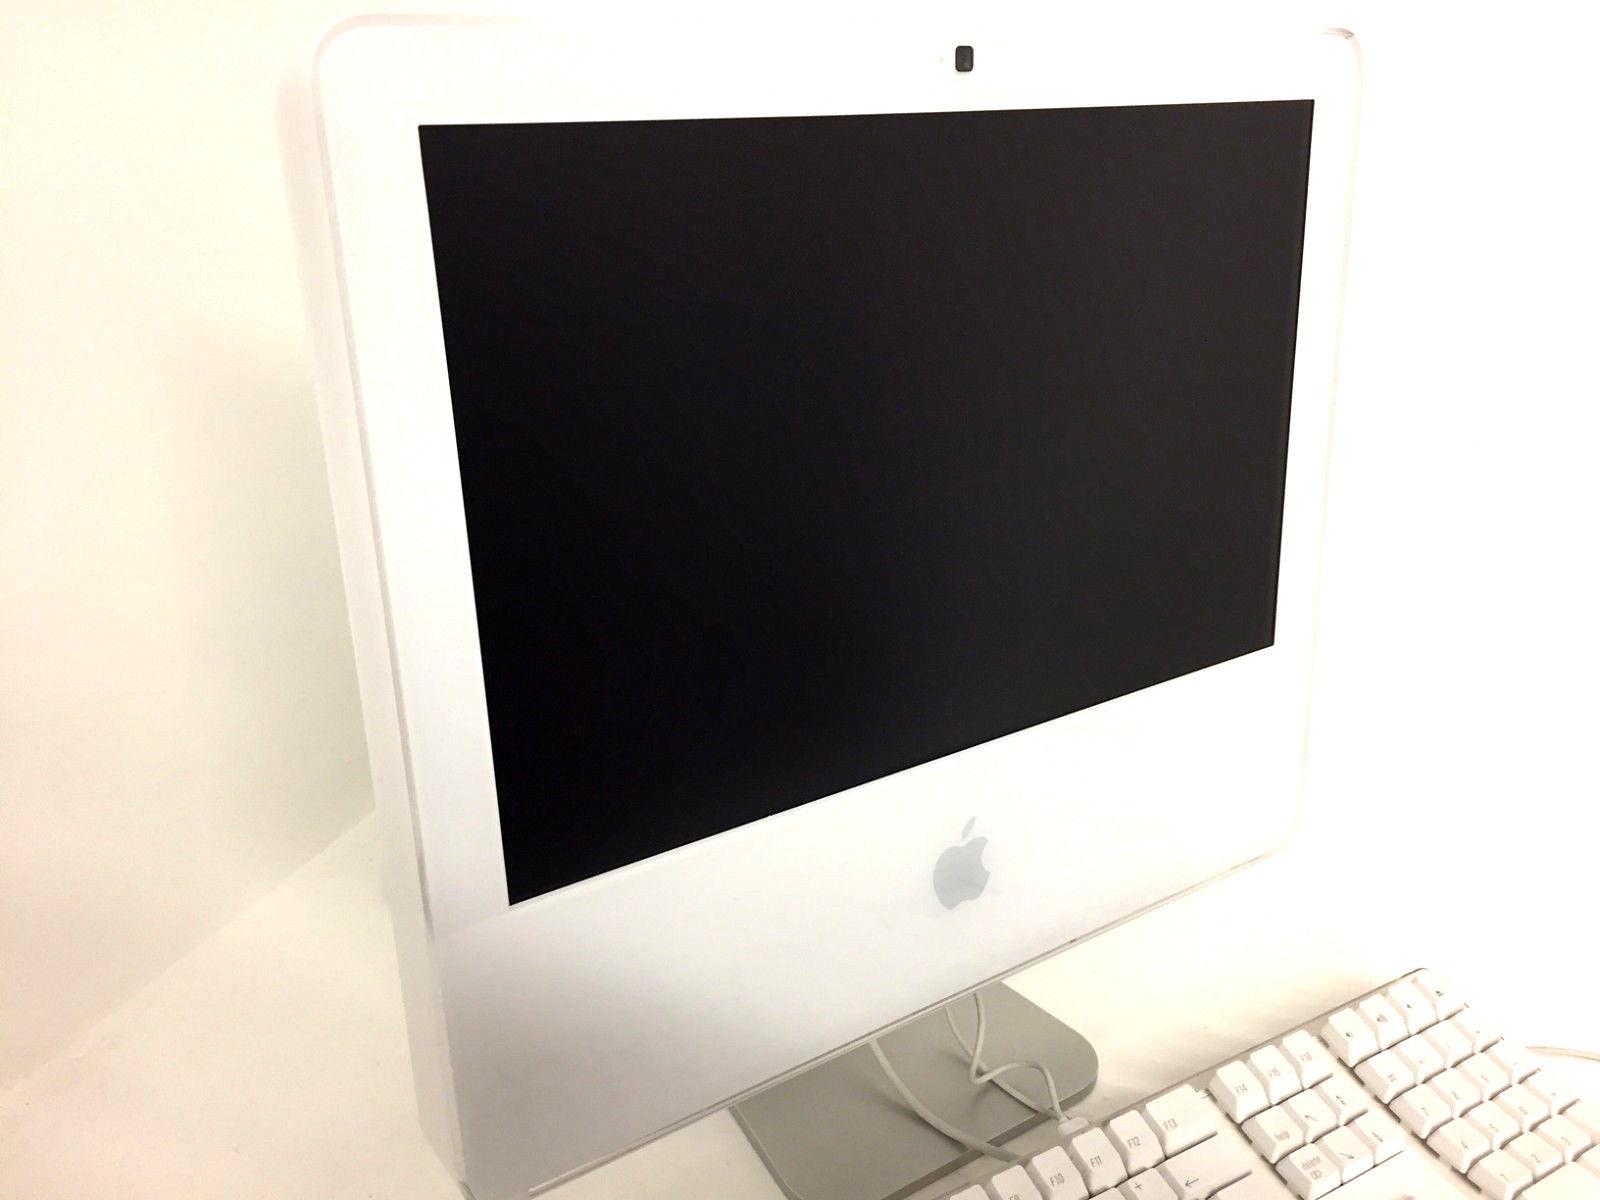 Apple iMac A1208 No 2